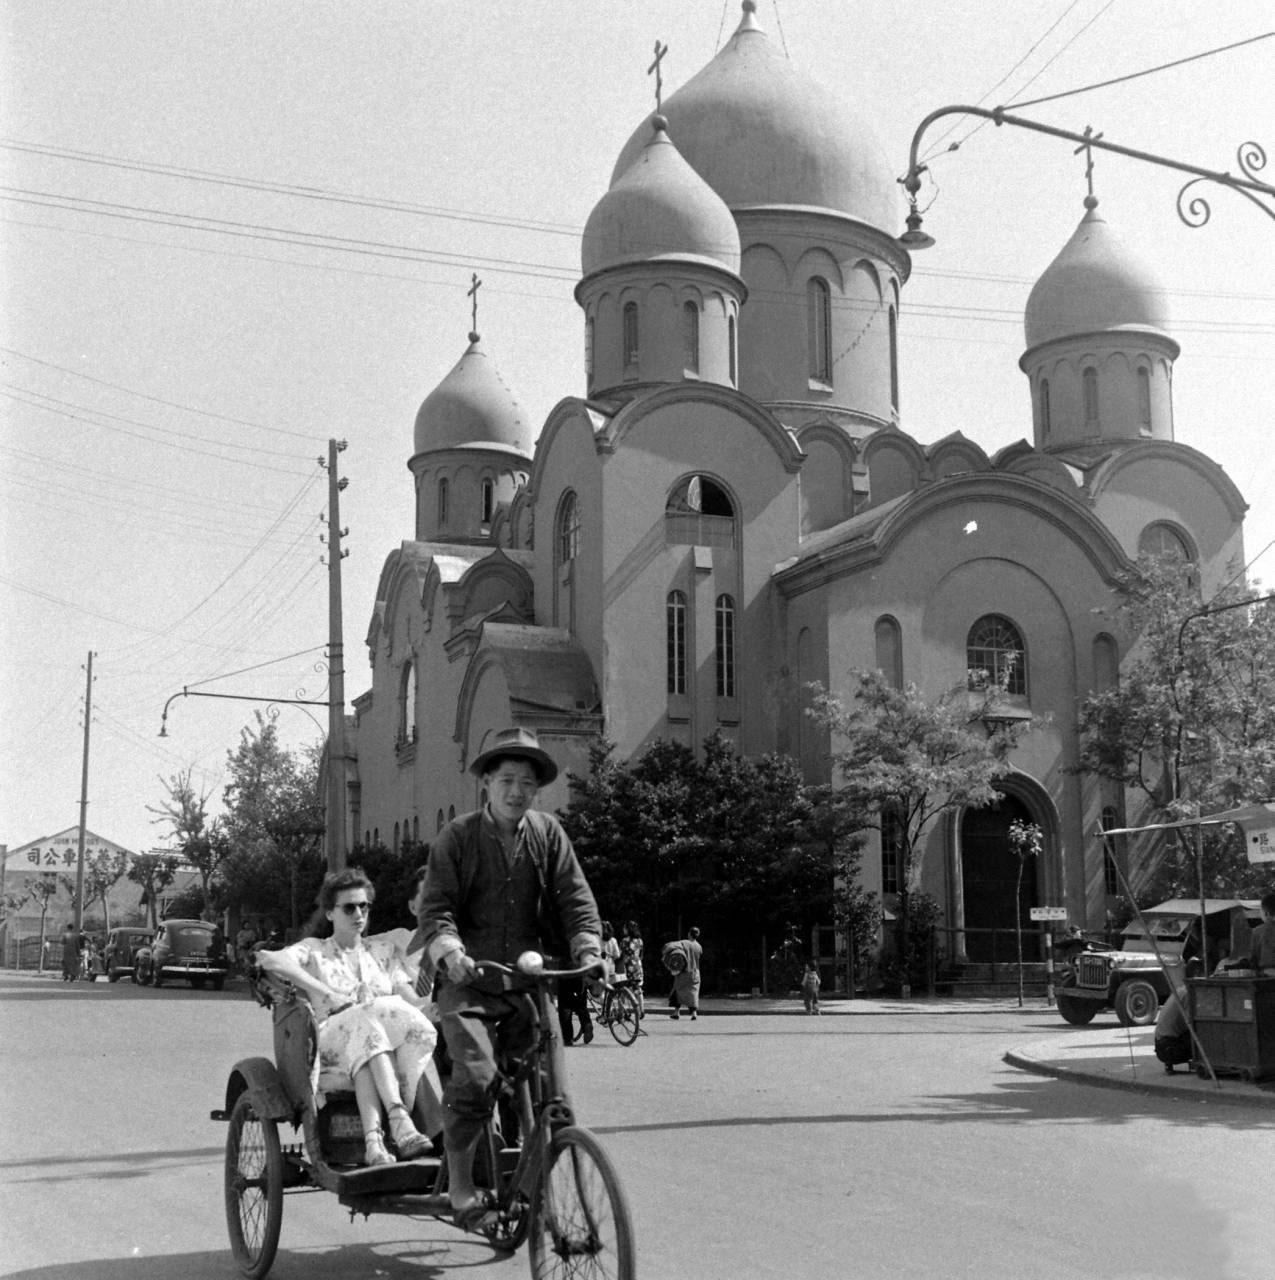 ussianrthodoxhurchinhanghaic.1948,whose25,000-strongussiancommunitywasoneofhinaslargest